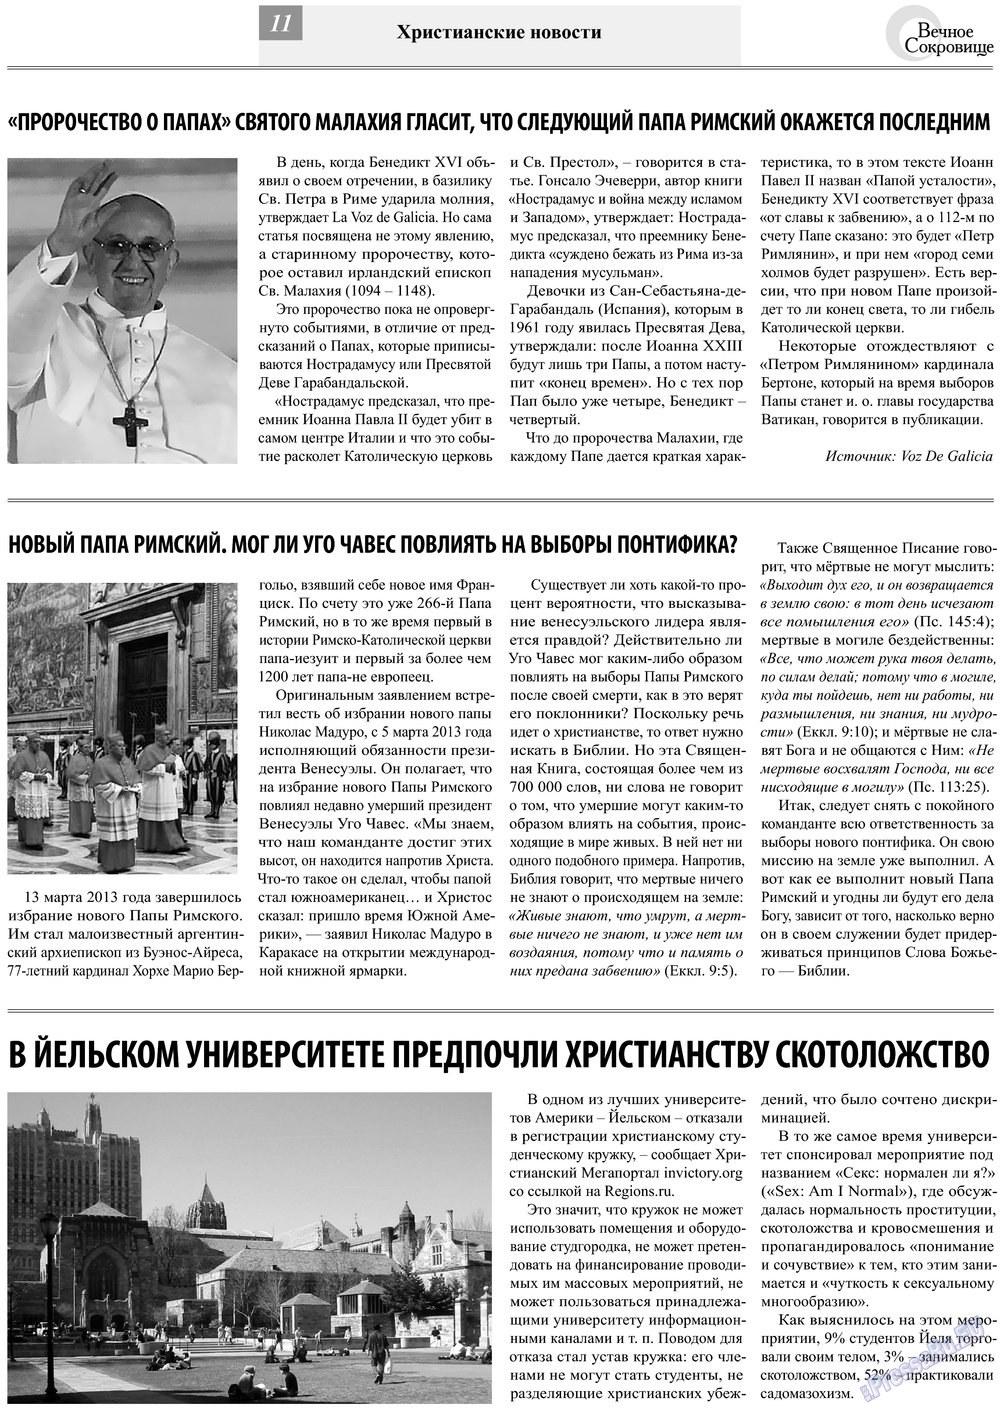 Вечное сокровище (газета). 2013 год, номер 2, стр. 11